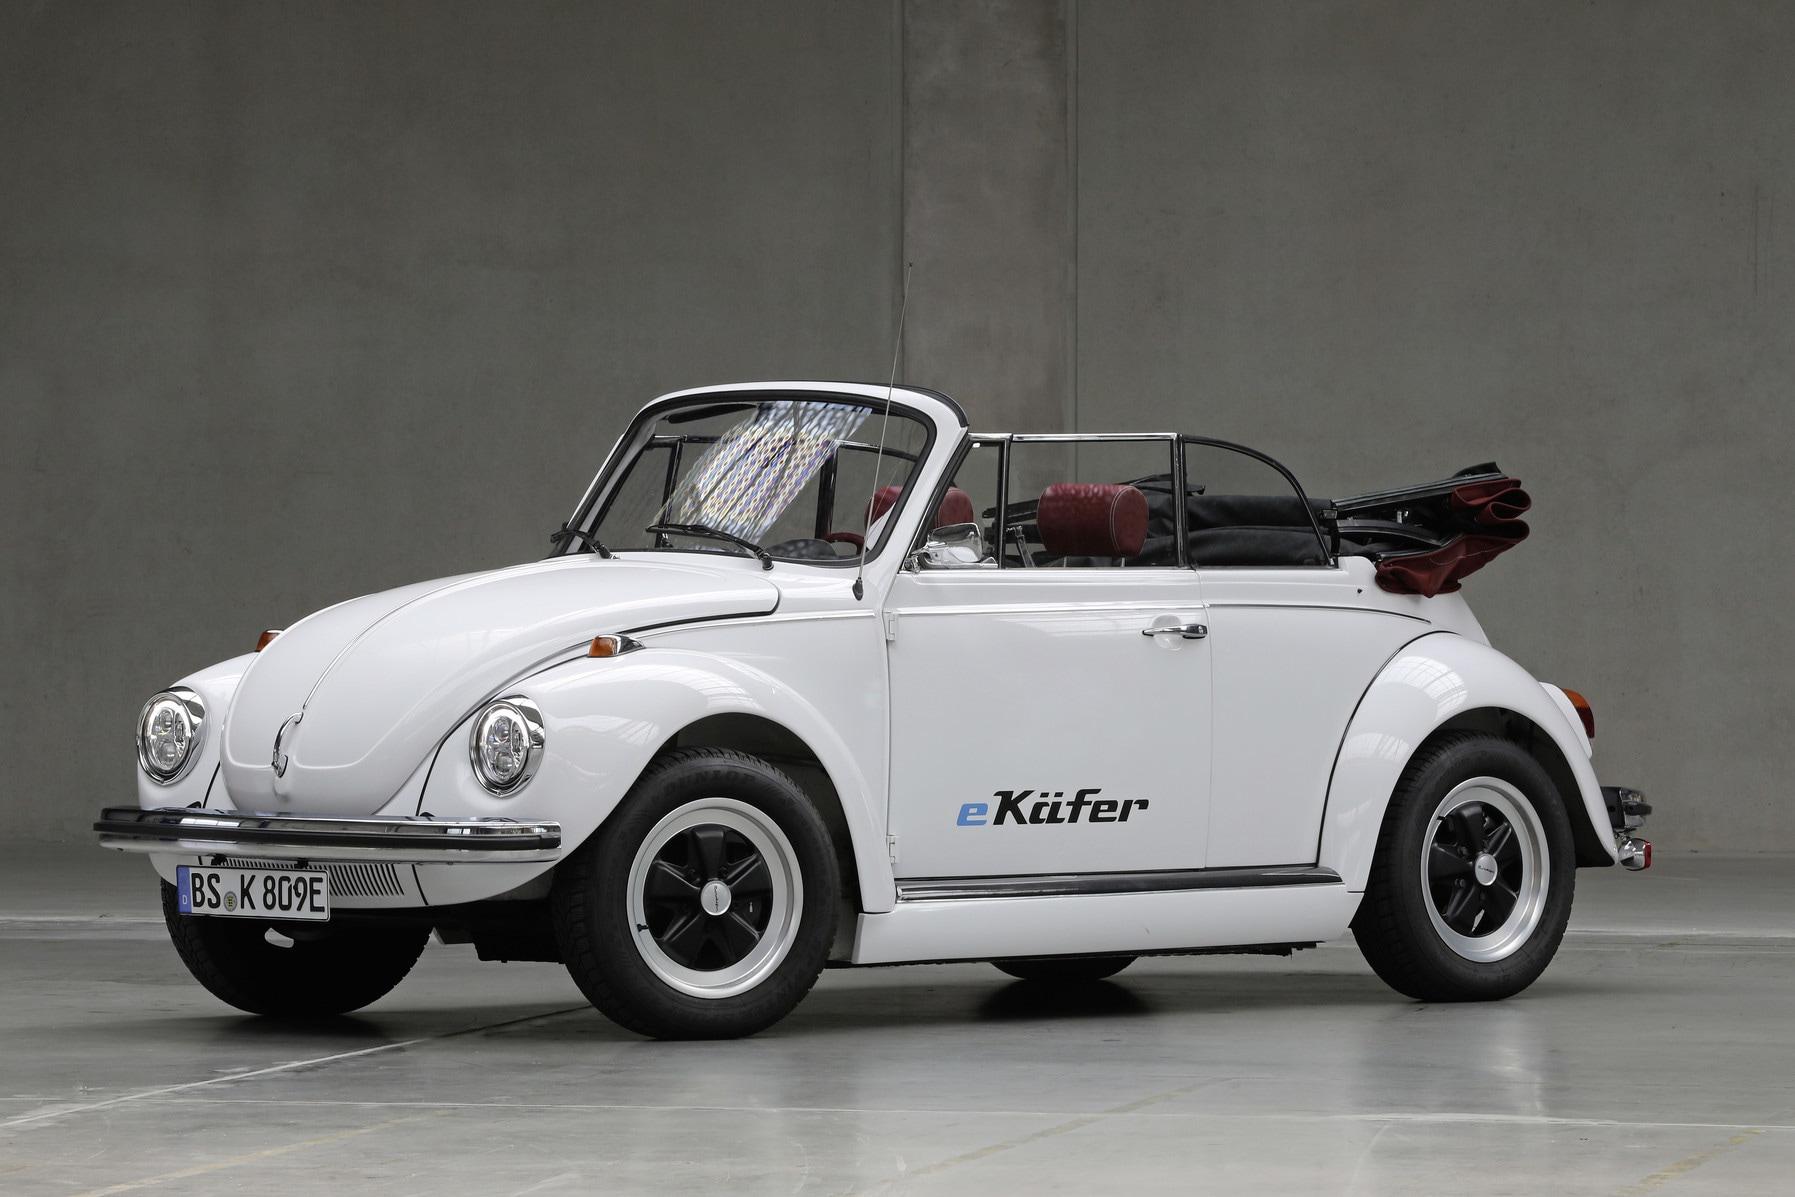 Volkswagen eKafer, ecco il Maggiolino elettrico: le immagini